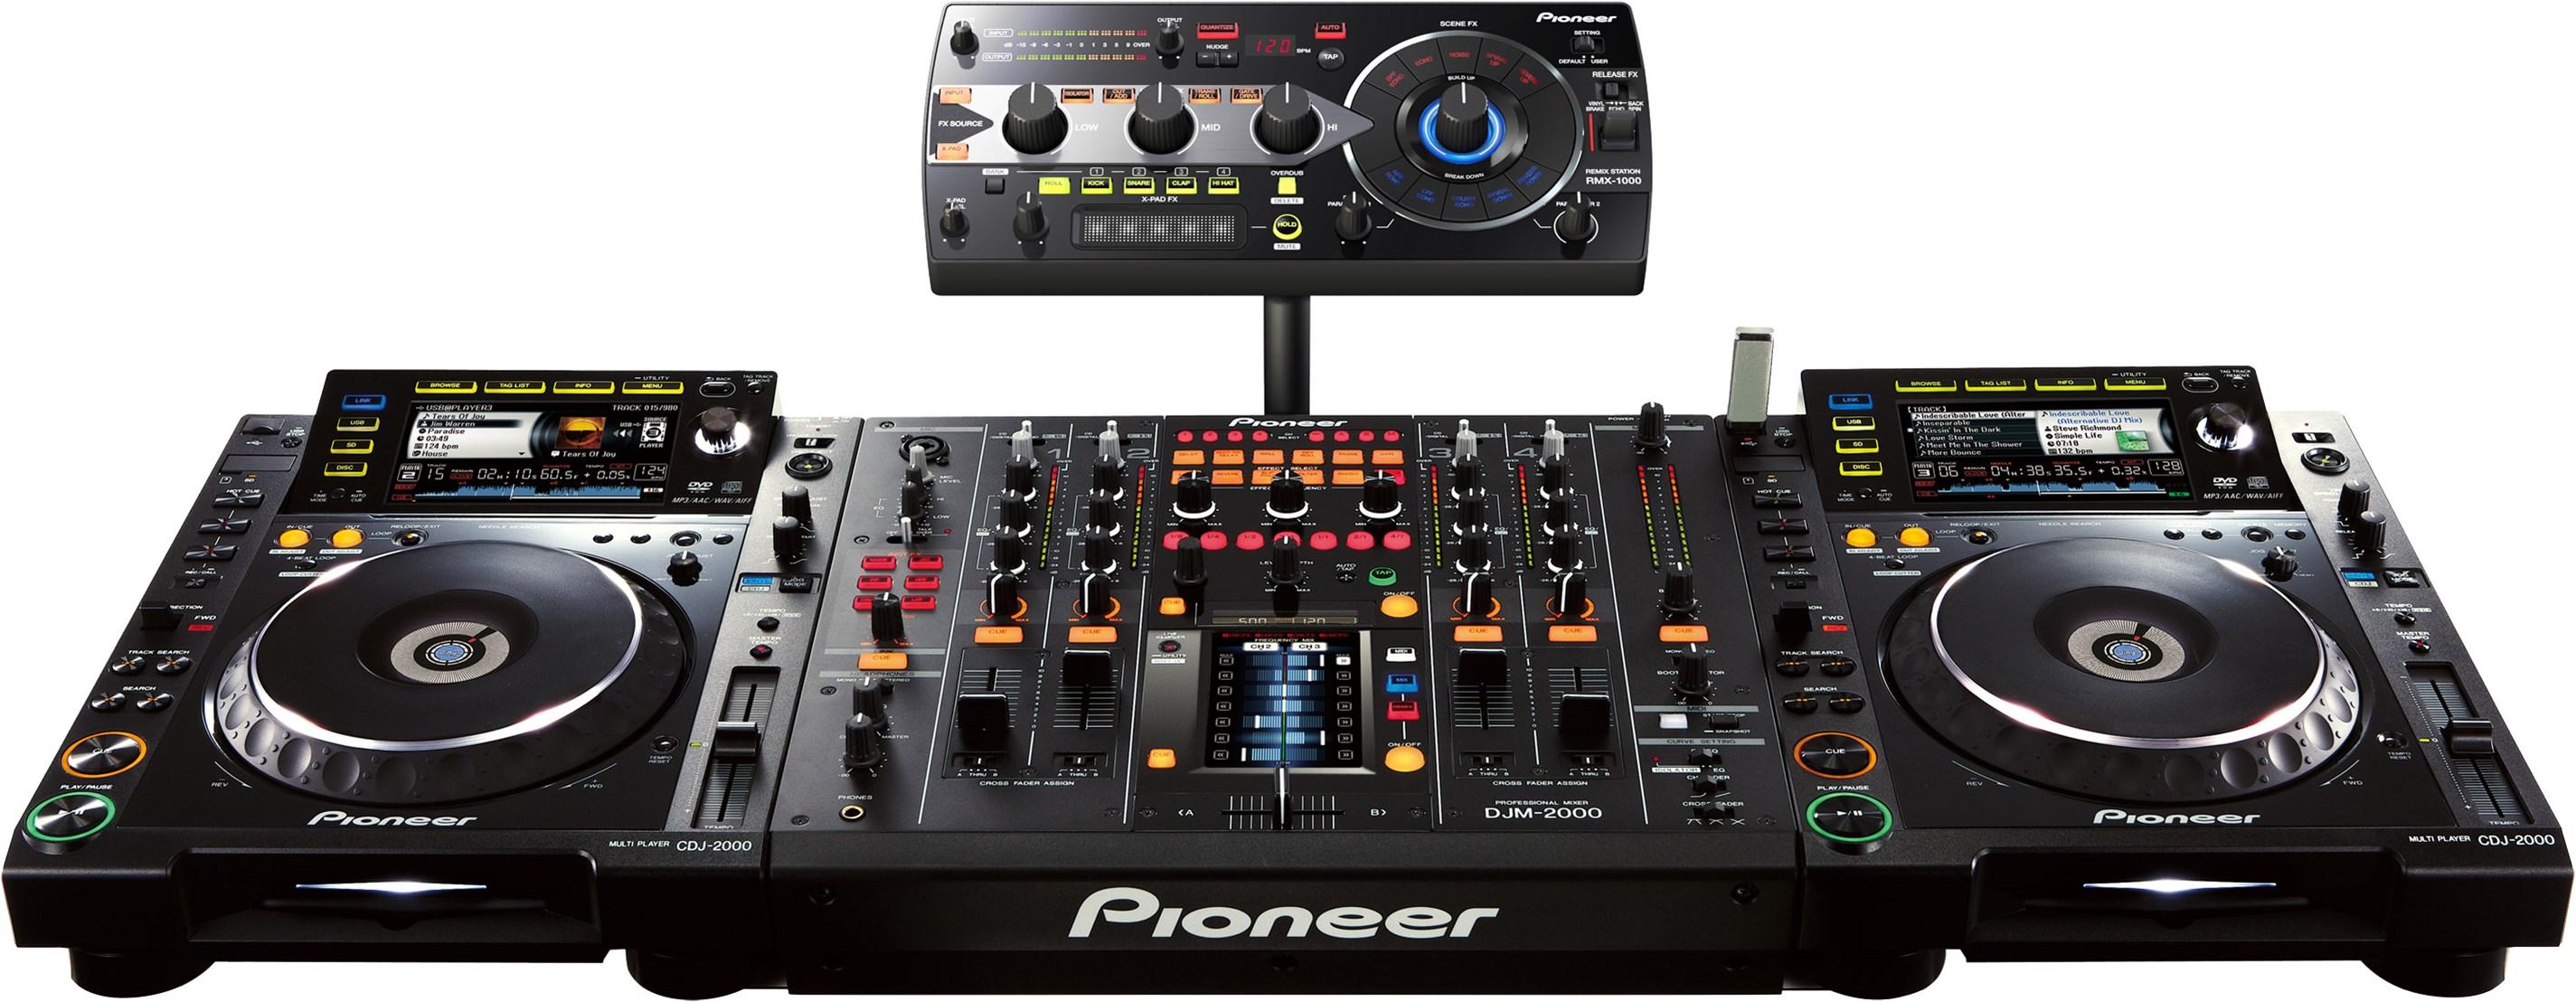 RMX-1000 - DJM-2000